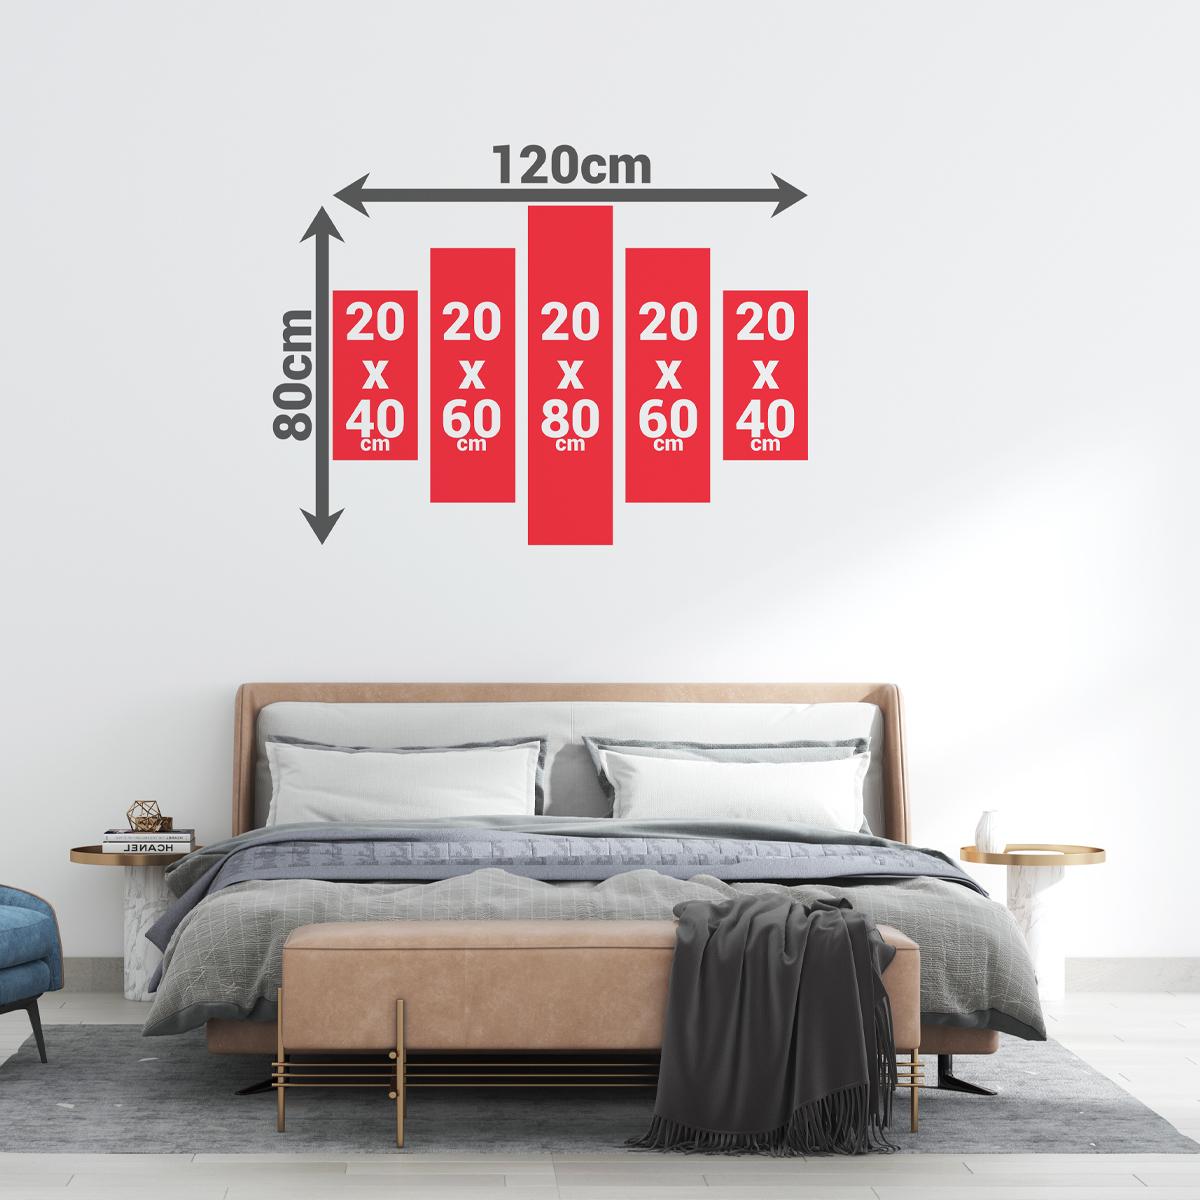 Cuadros decorativos para salasCuadros decorativos para salas